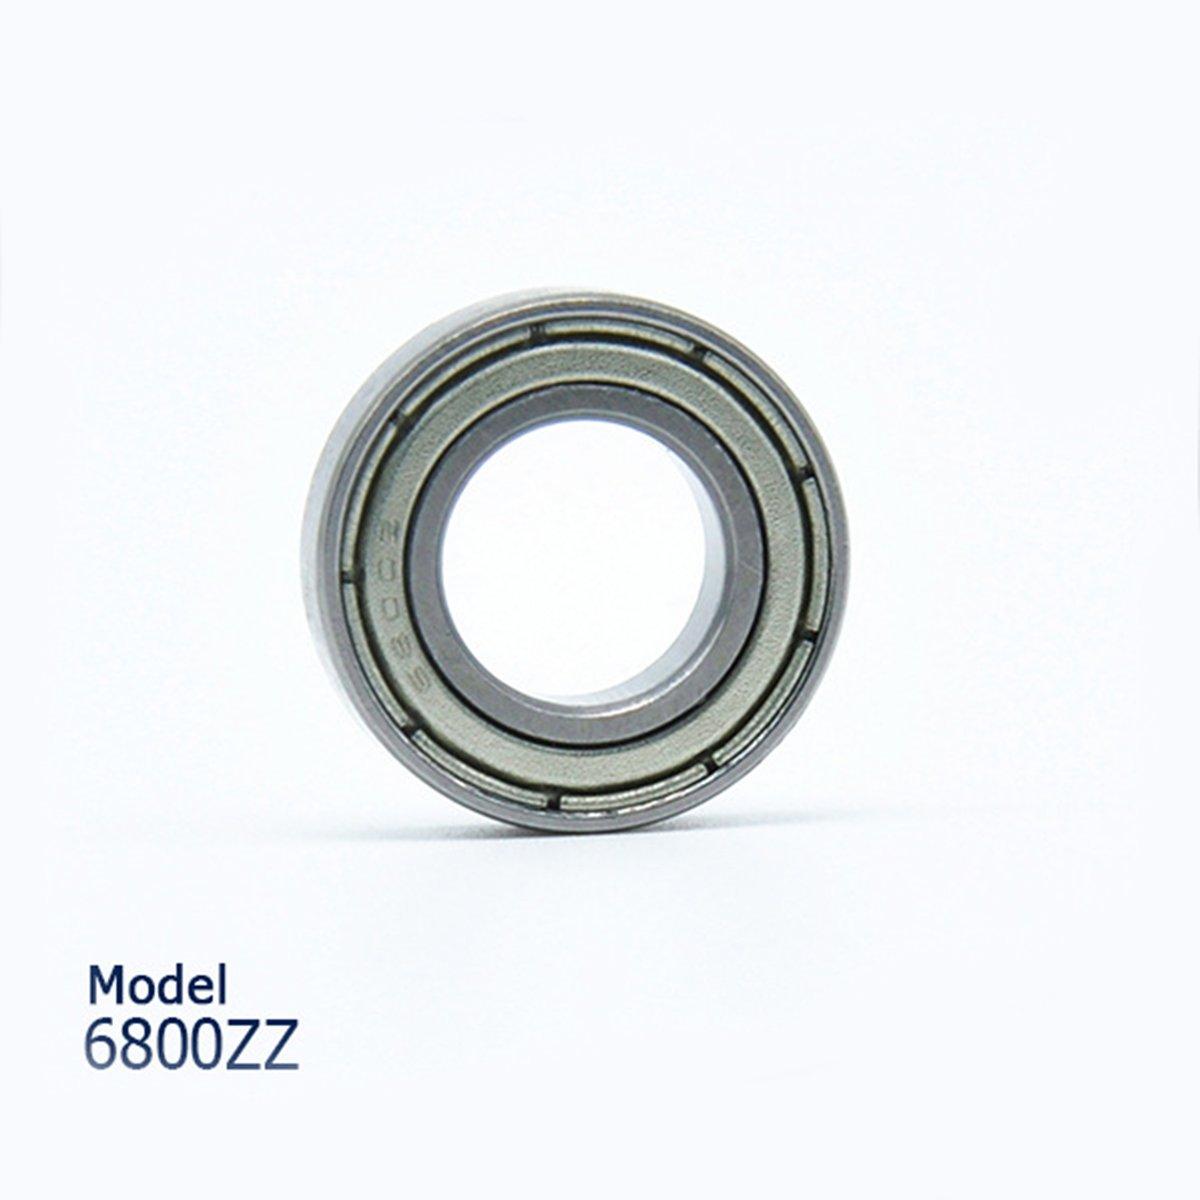 ueetek rodamientos de bolas de ranura profunda 10pcs 6800zz dos boucliers met/álicos laterales 10/x 19/x 5/mm piezas mec/ánicas accesorios